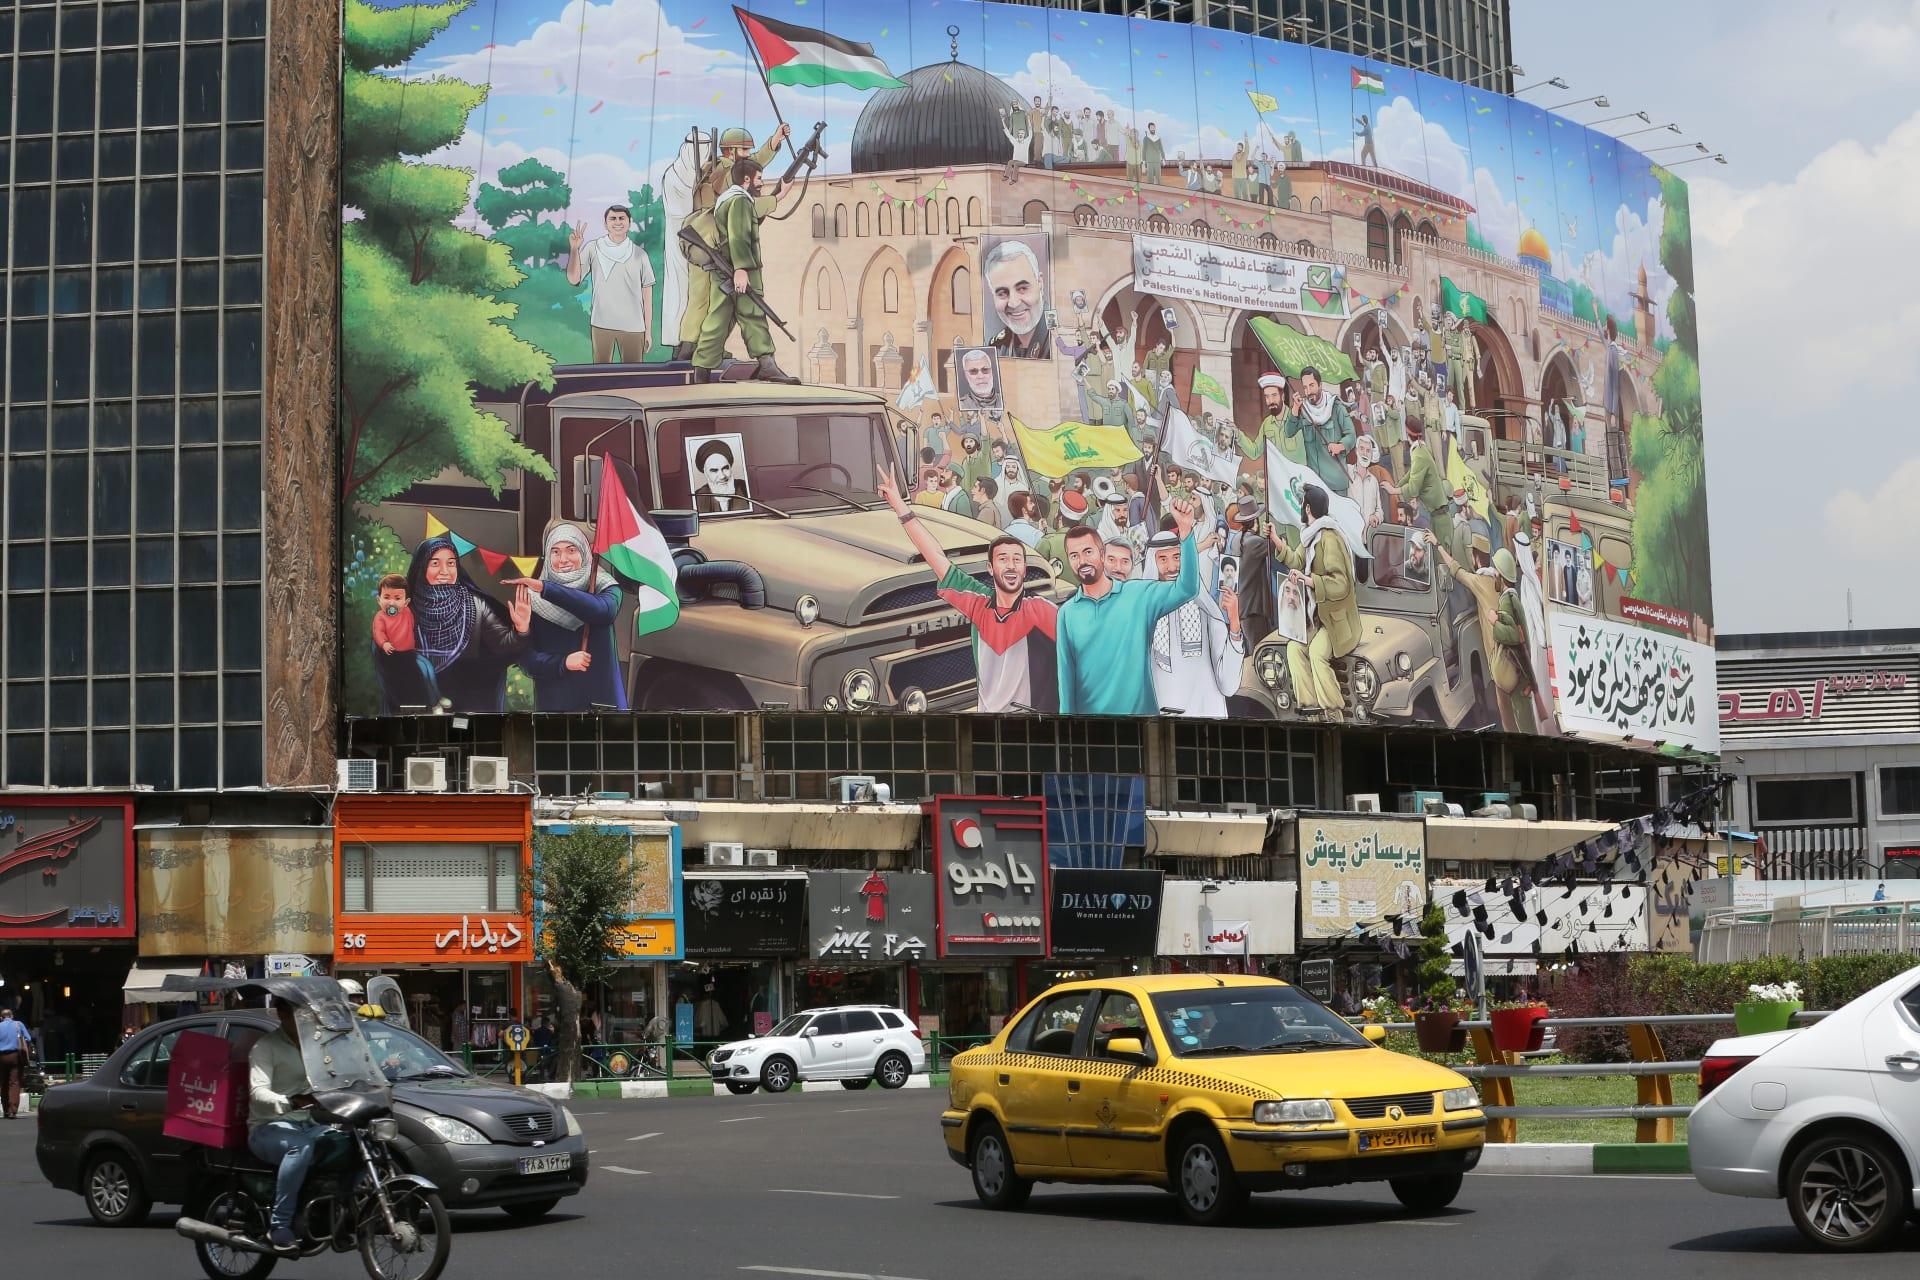 لوحة جدارية في وسط العاصمة الإيرانية طهران إحياءً لذكرى قاسم سليماني قائد فيلق القدس